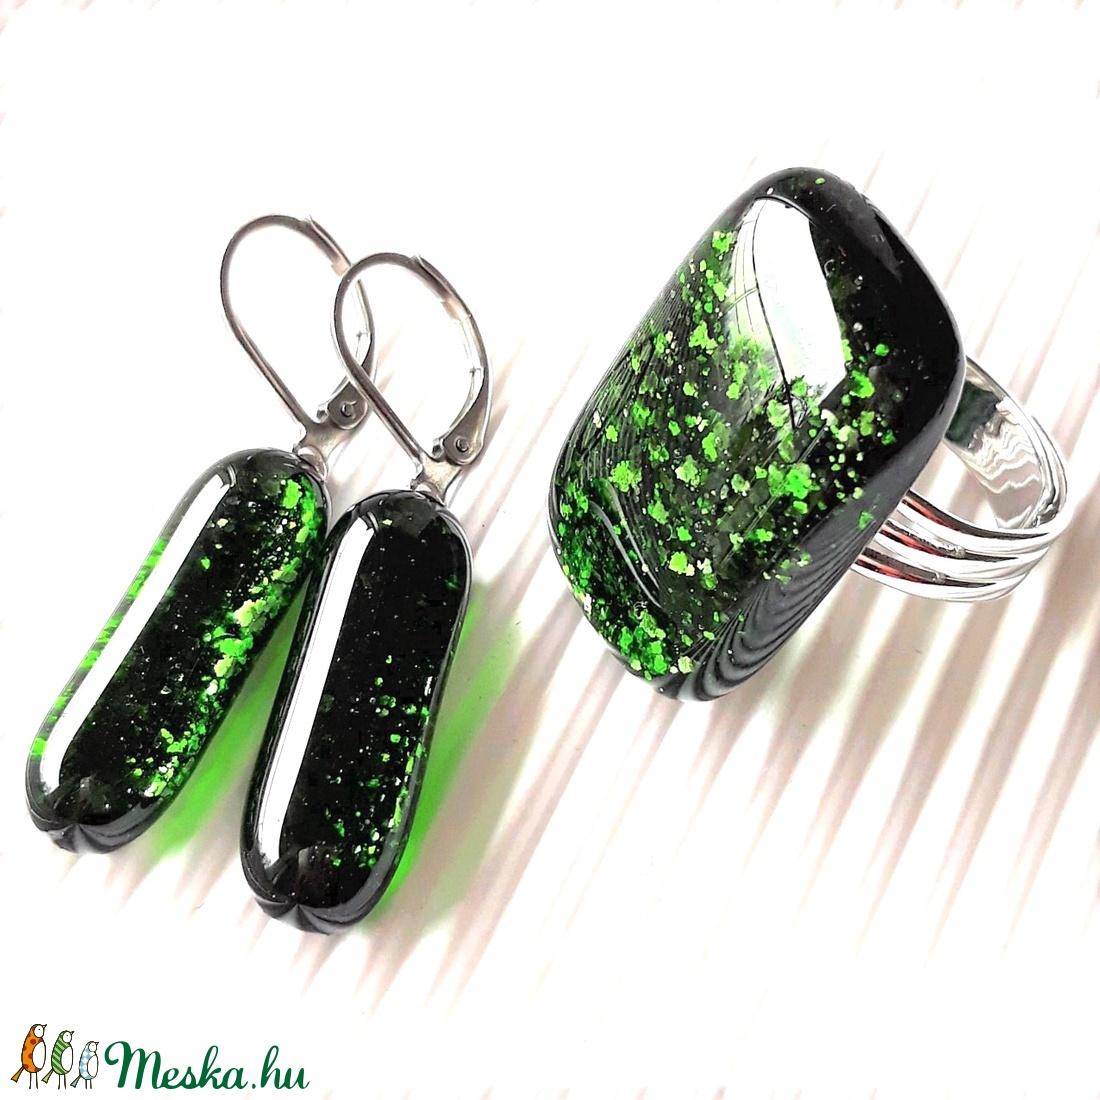 Szikrázó mohaszőnyeg elegáns üveg gyűrű és fülbevaló franciakapcsos, orvosi fém akasztón, üvegékszer szett - ékszer - ékszerszett - Meska.hu